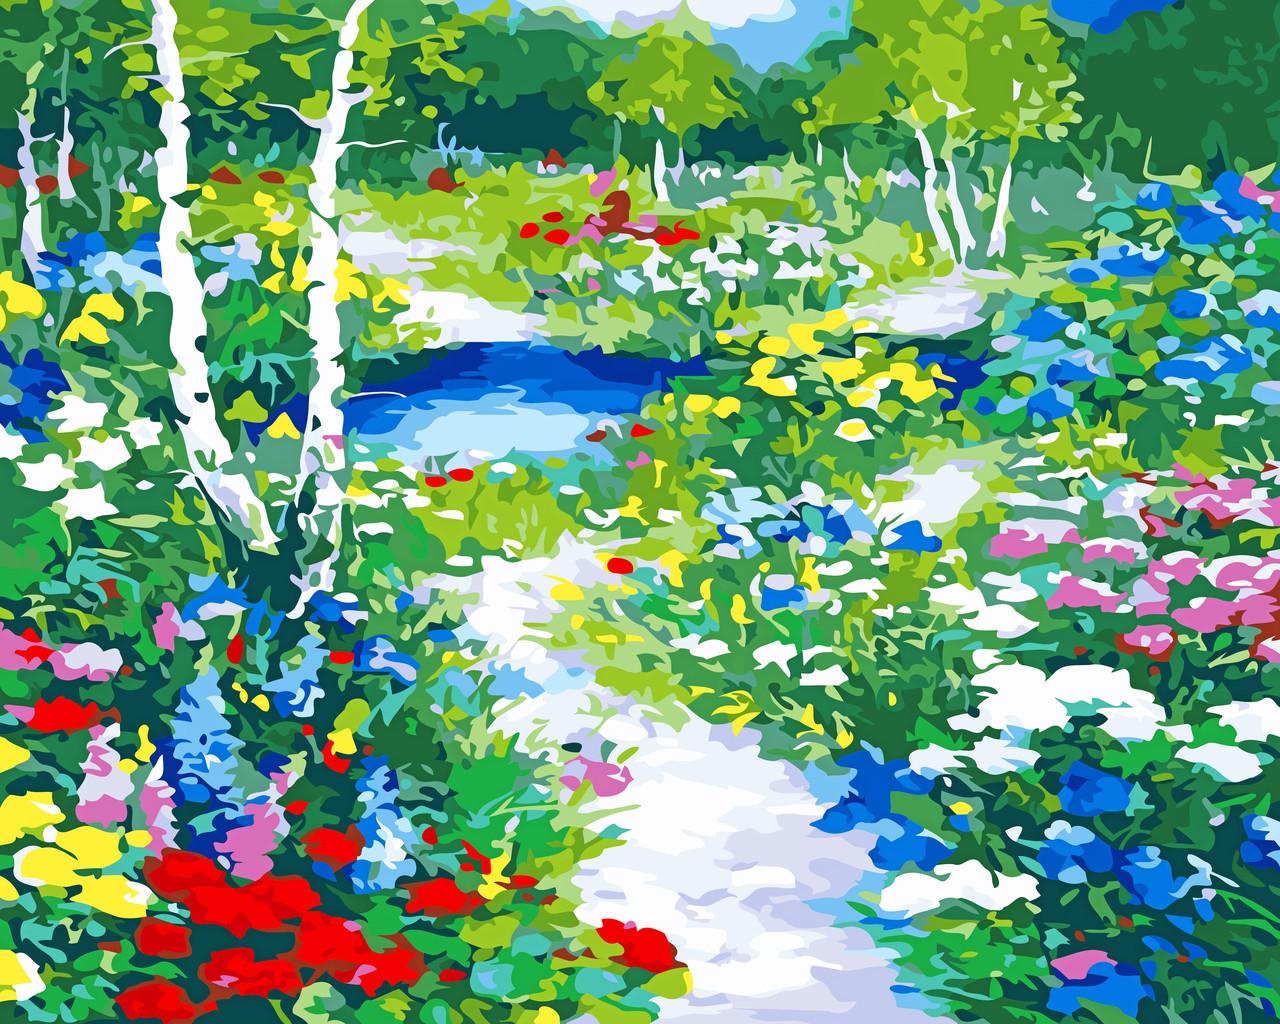 Художественный творческий набор, картина по номерам Цветочная поляна, 50x40 см, «Art Story» (AS0545)